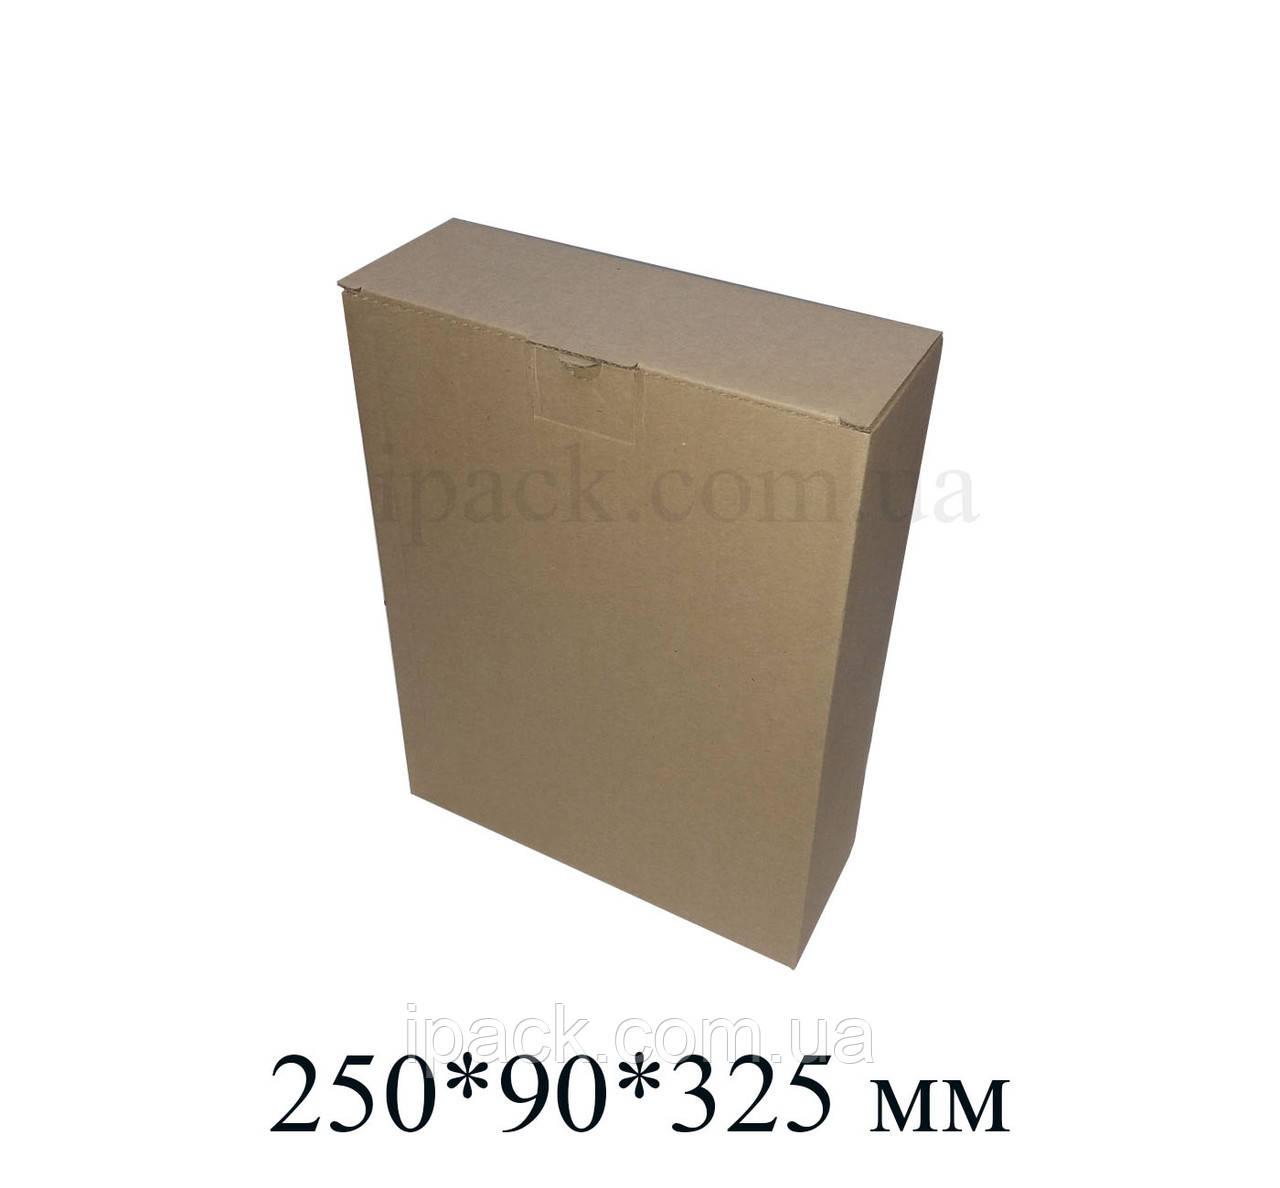 Коробка картонна самозбираюча 250*90*325 мм бура крафт мікрогофрокартон